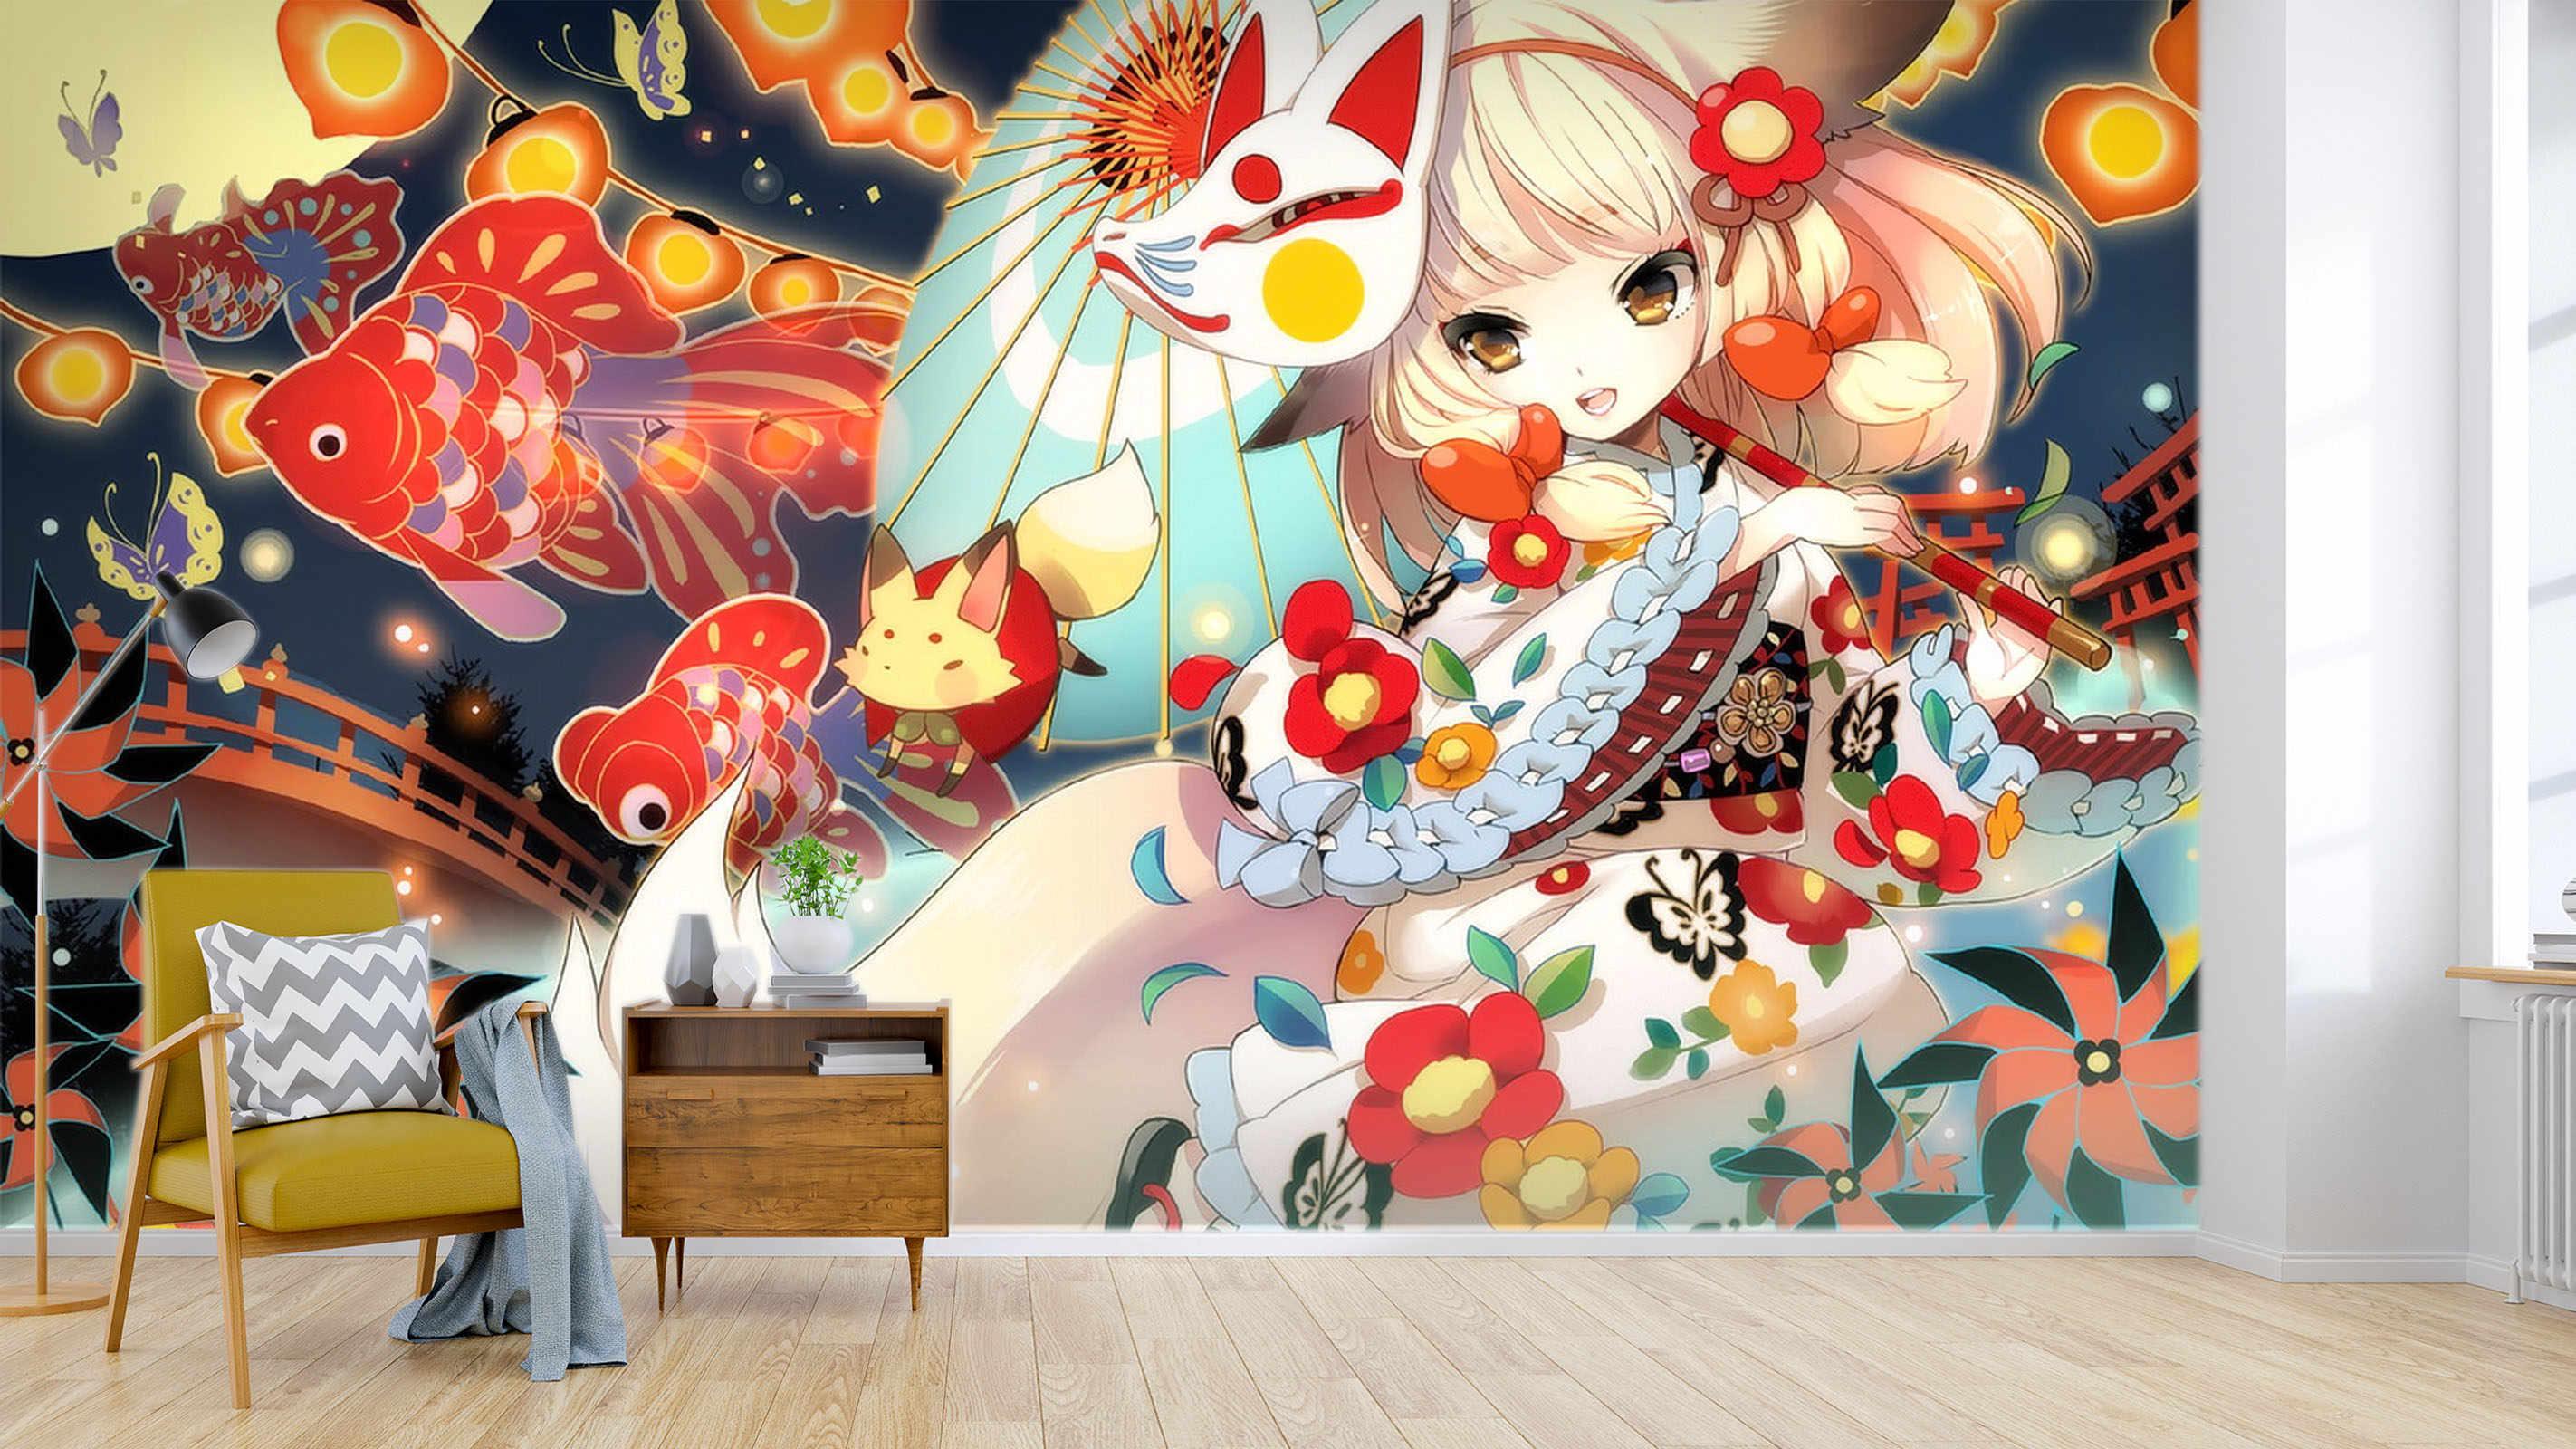 [自己粘着] 3D かわいいアニメ少女赤ドレス 265 日本アニメ壁紙壁画壁プリント壁画ベリー